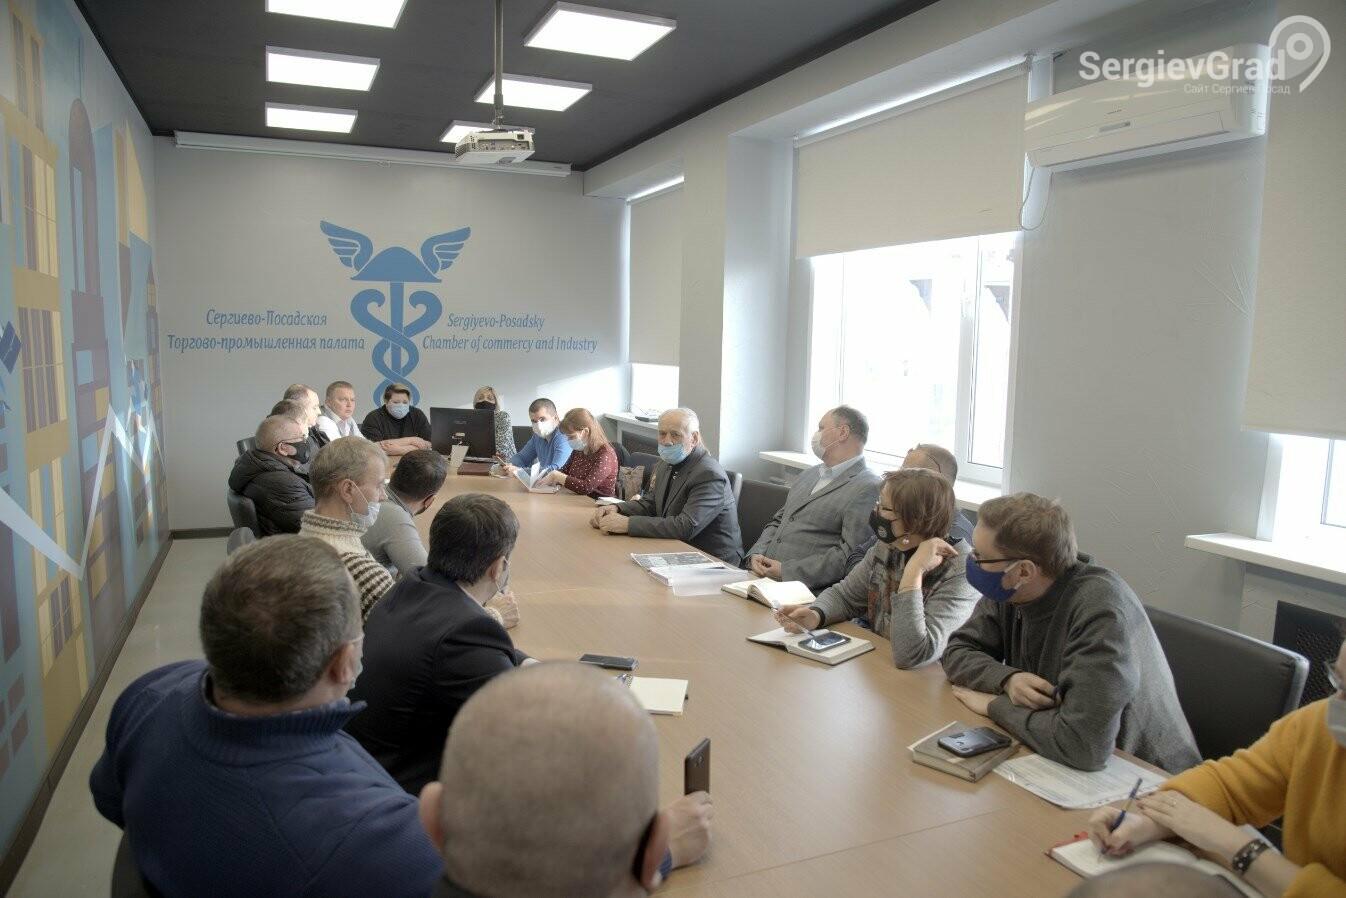 Администрация Сергиева Посада разрабатывает схему закрепления территорий